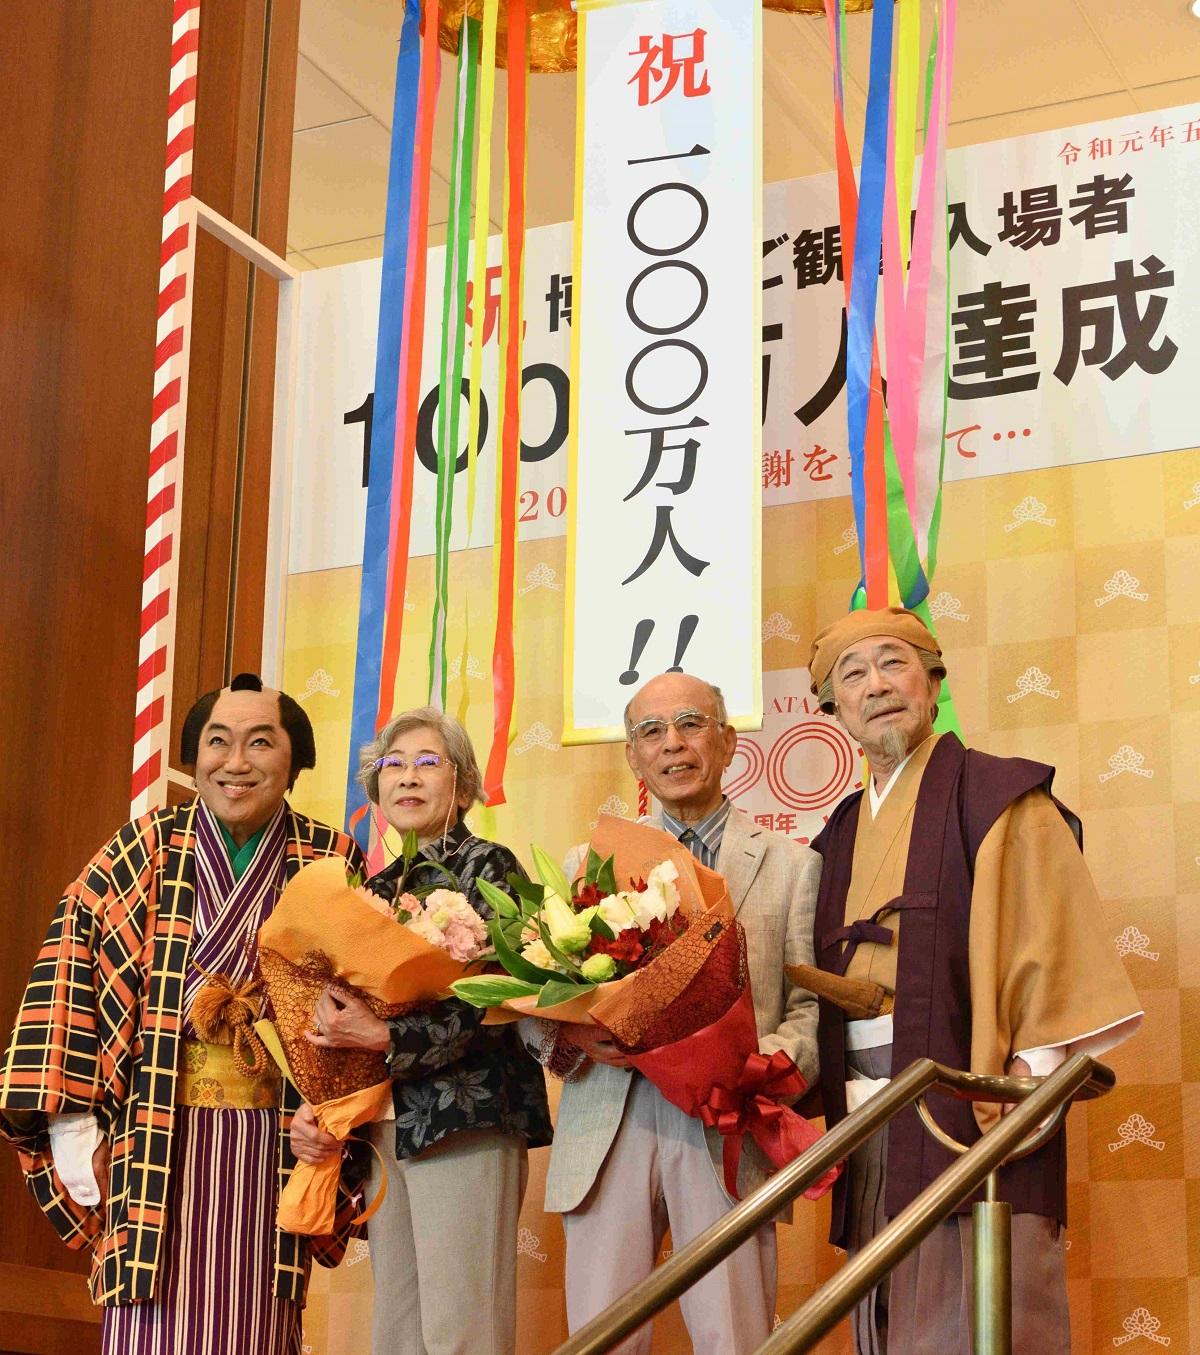 博多座の1千万人目の入場者となった夫妻を祝う武田鉄矢さん(右)とコロッケさん(左)=10日、福岡市博多区 201905010日